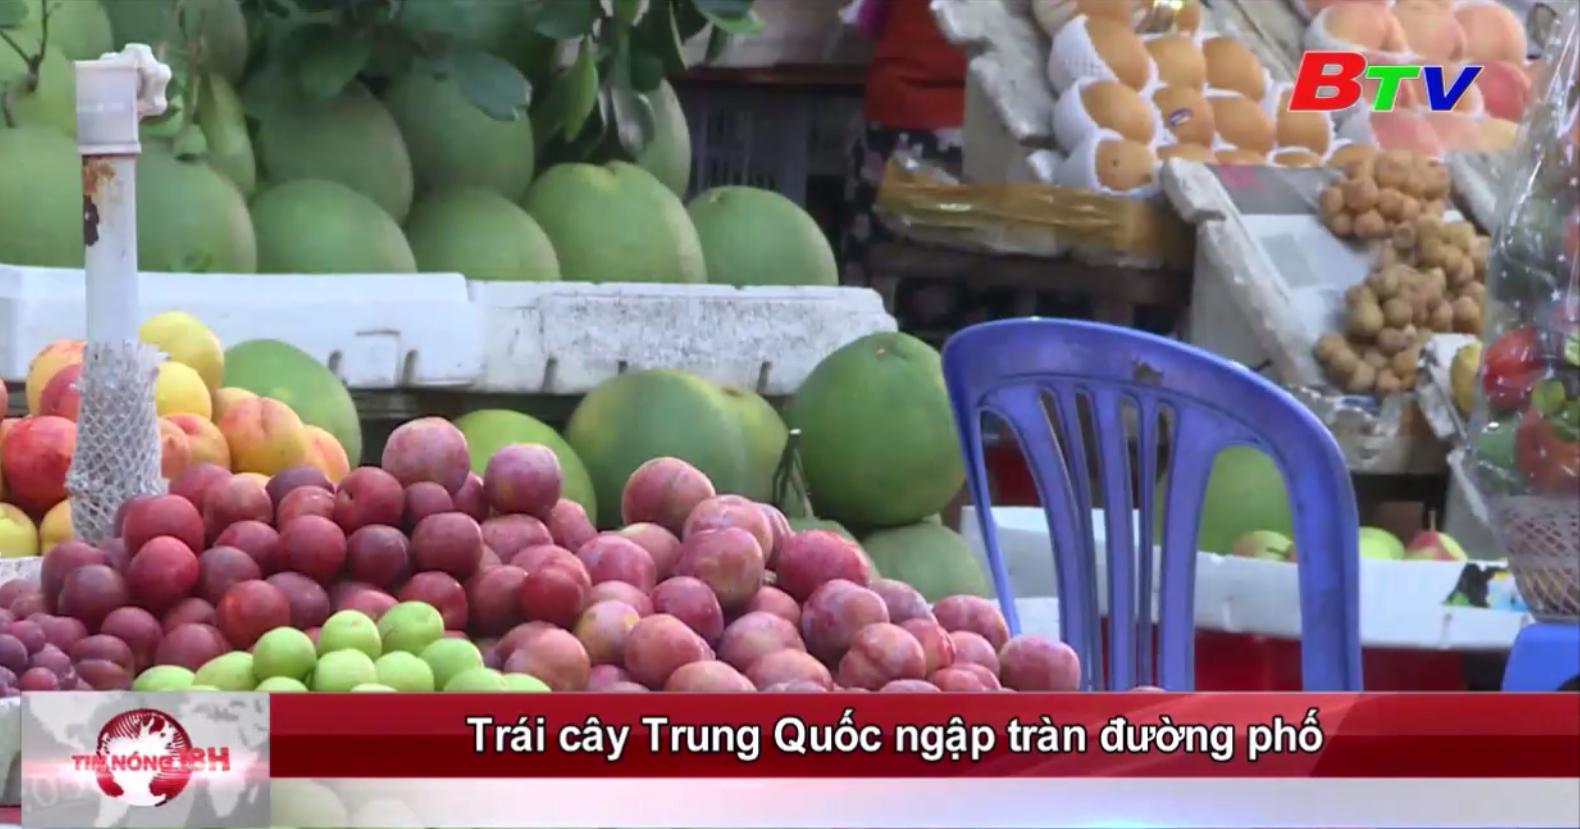 Trái cây Trung Quốc ngập tràn đường phố